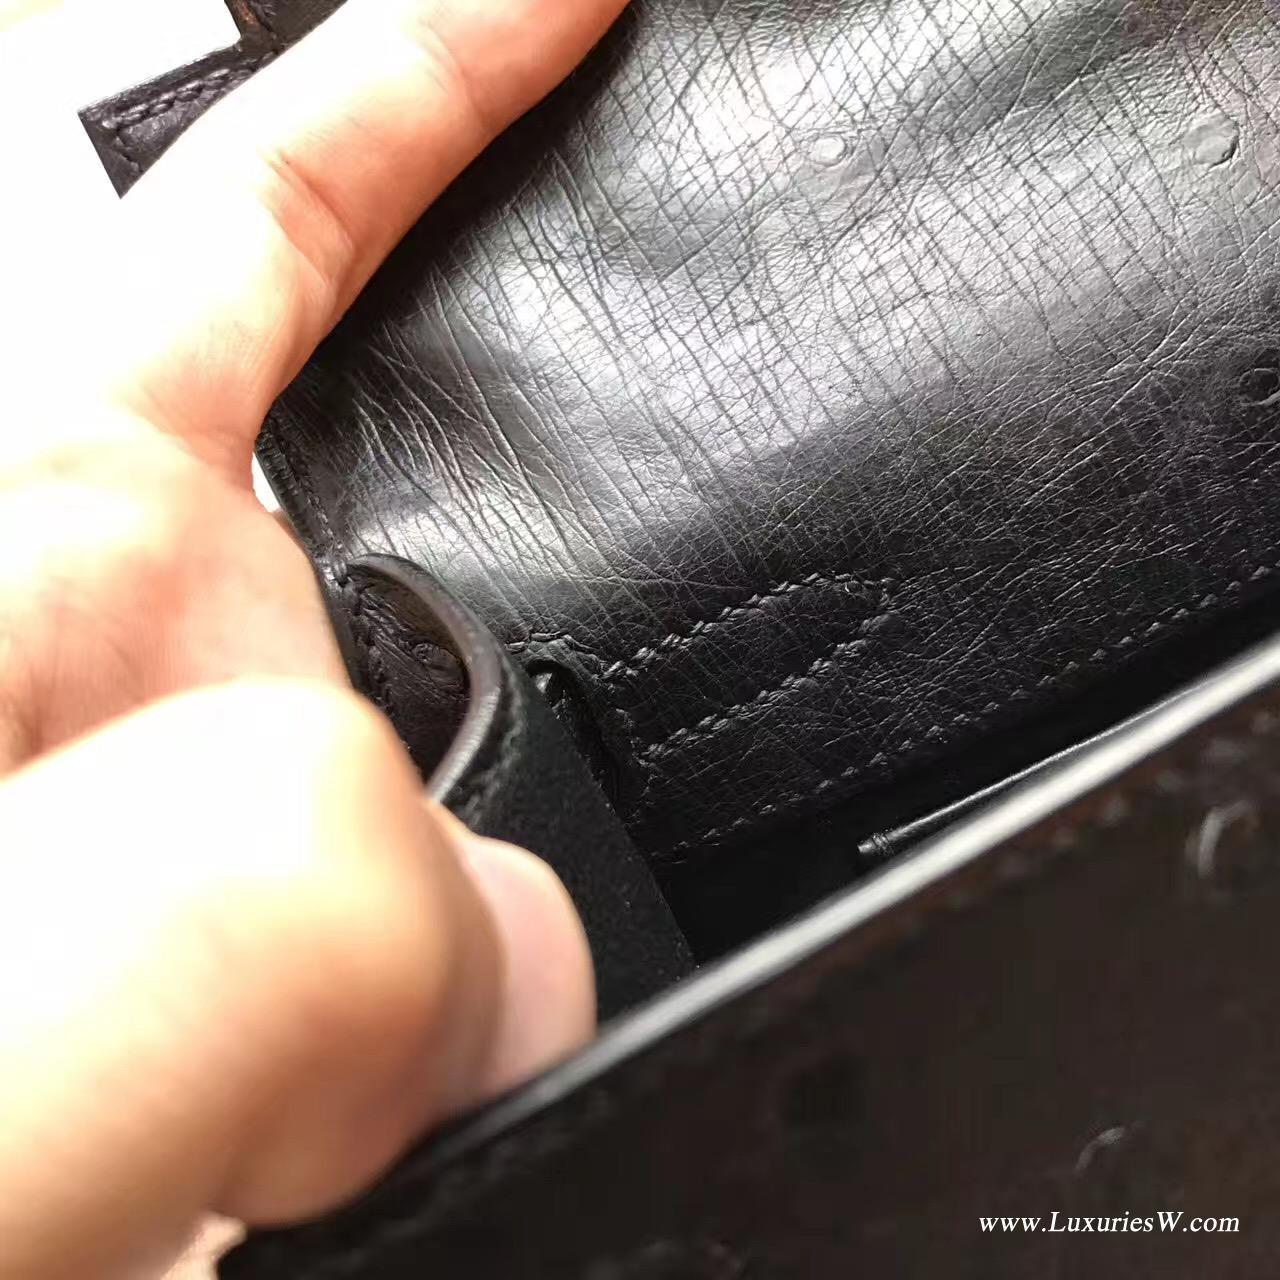 经典凯莉包 Mini Kelly鸵鸟CK89 Nior黑色街拍首选帅气十足 银色金属